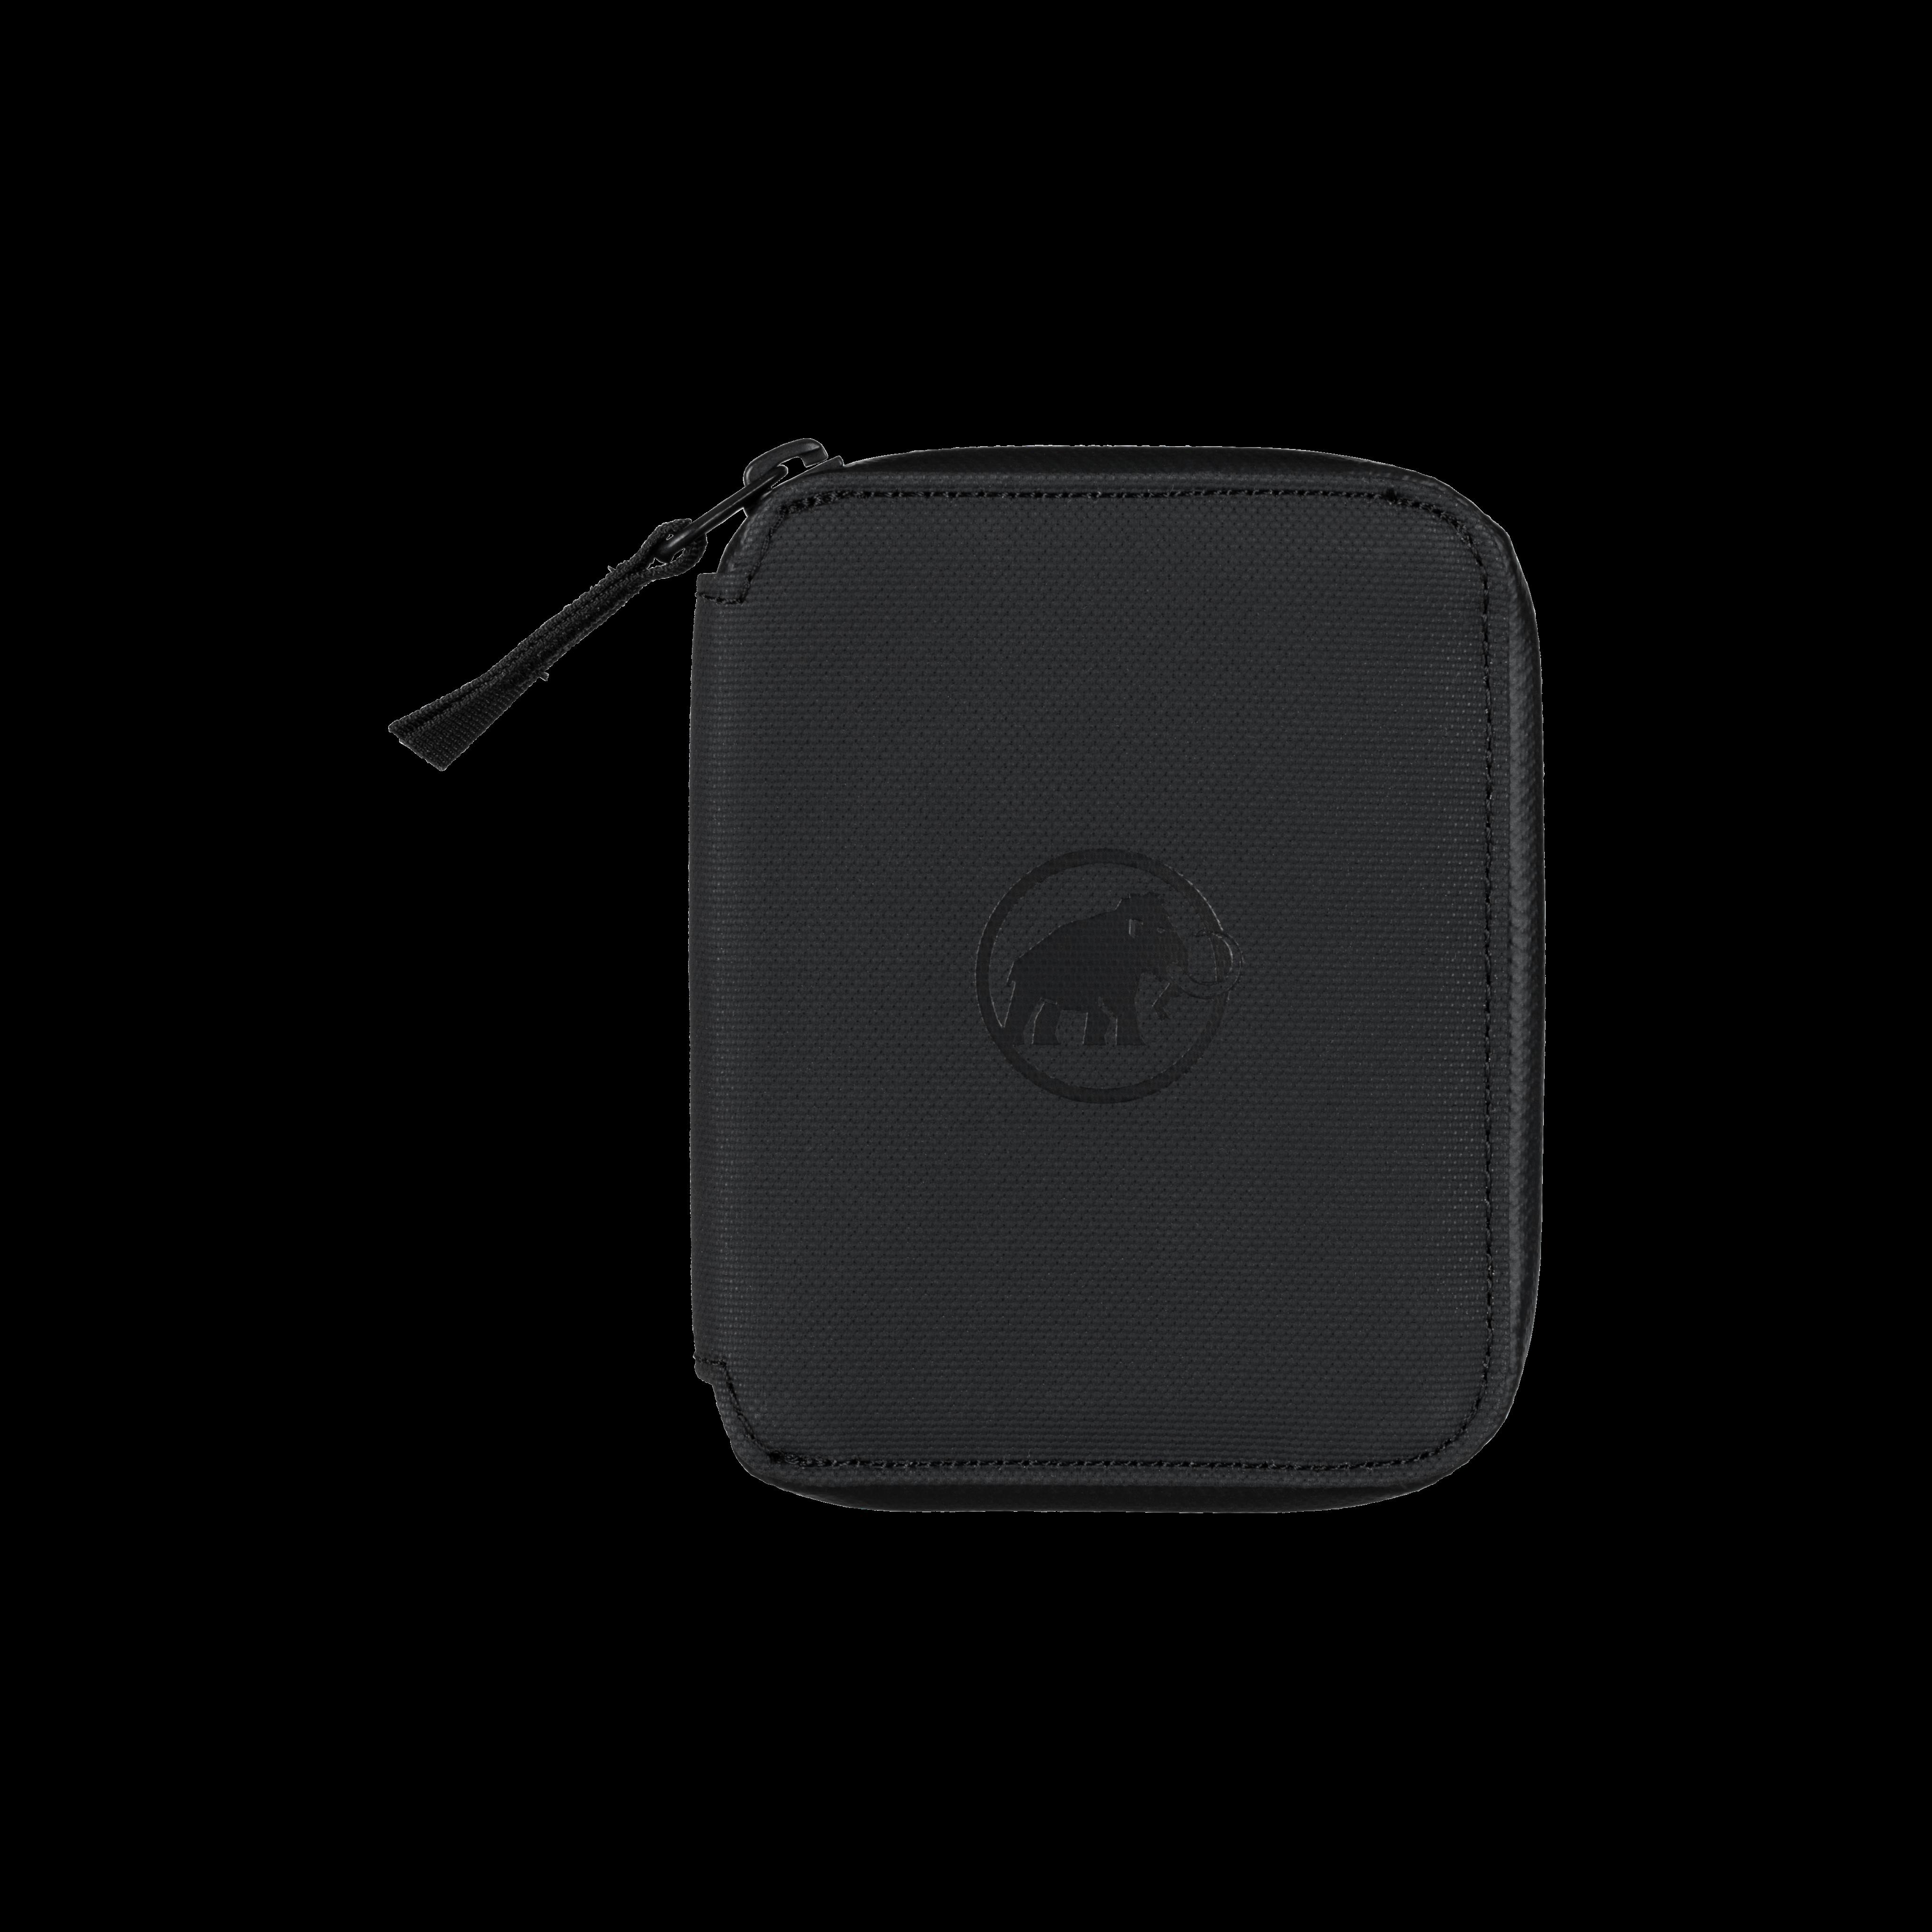 Seon Zip Wallet - black, one size thumbnail